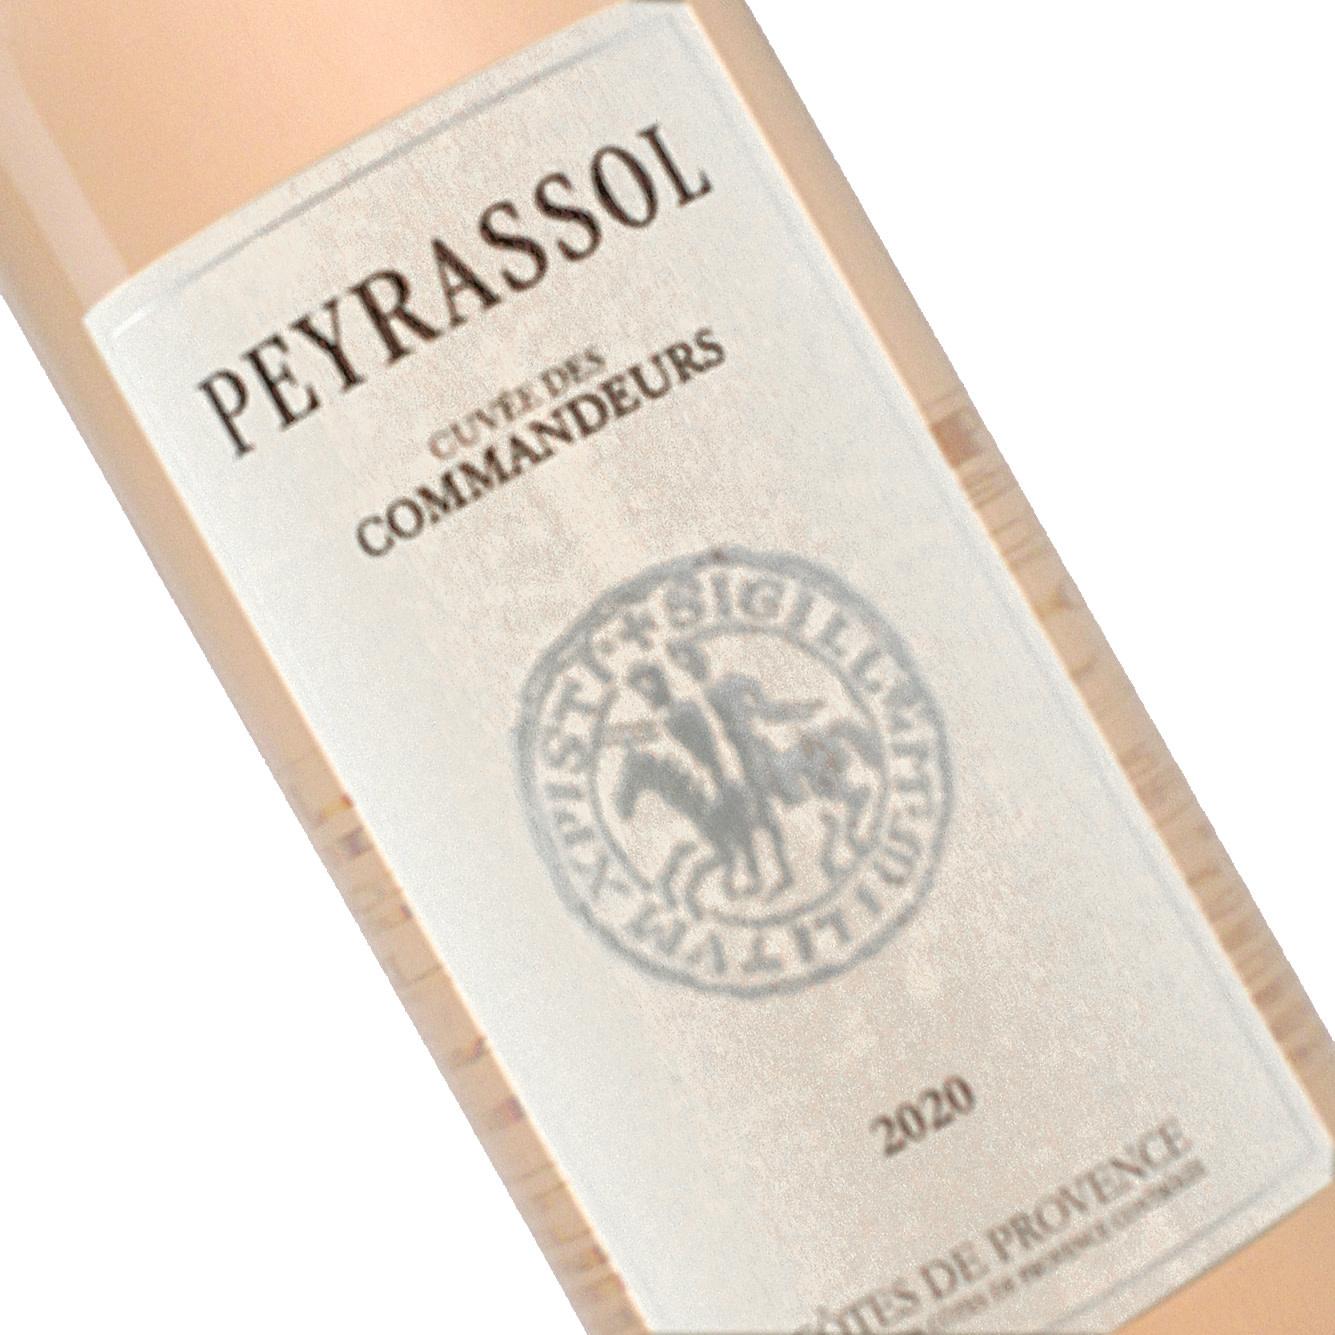 """Chateau Peyrassol 2017 Rose  Commanderie"""" Cotes de Provence"""